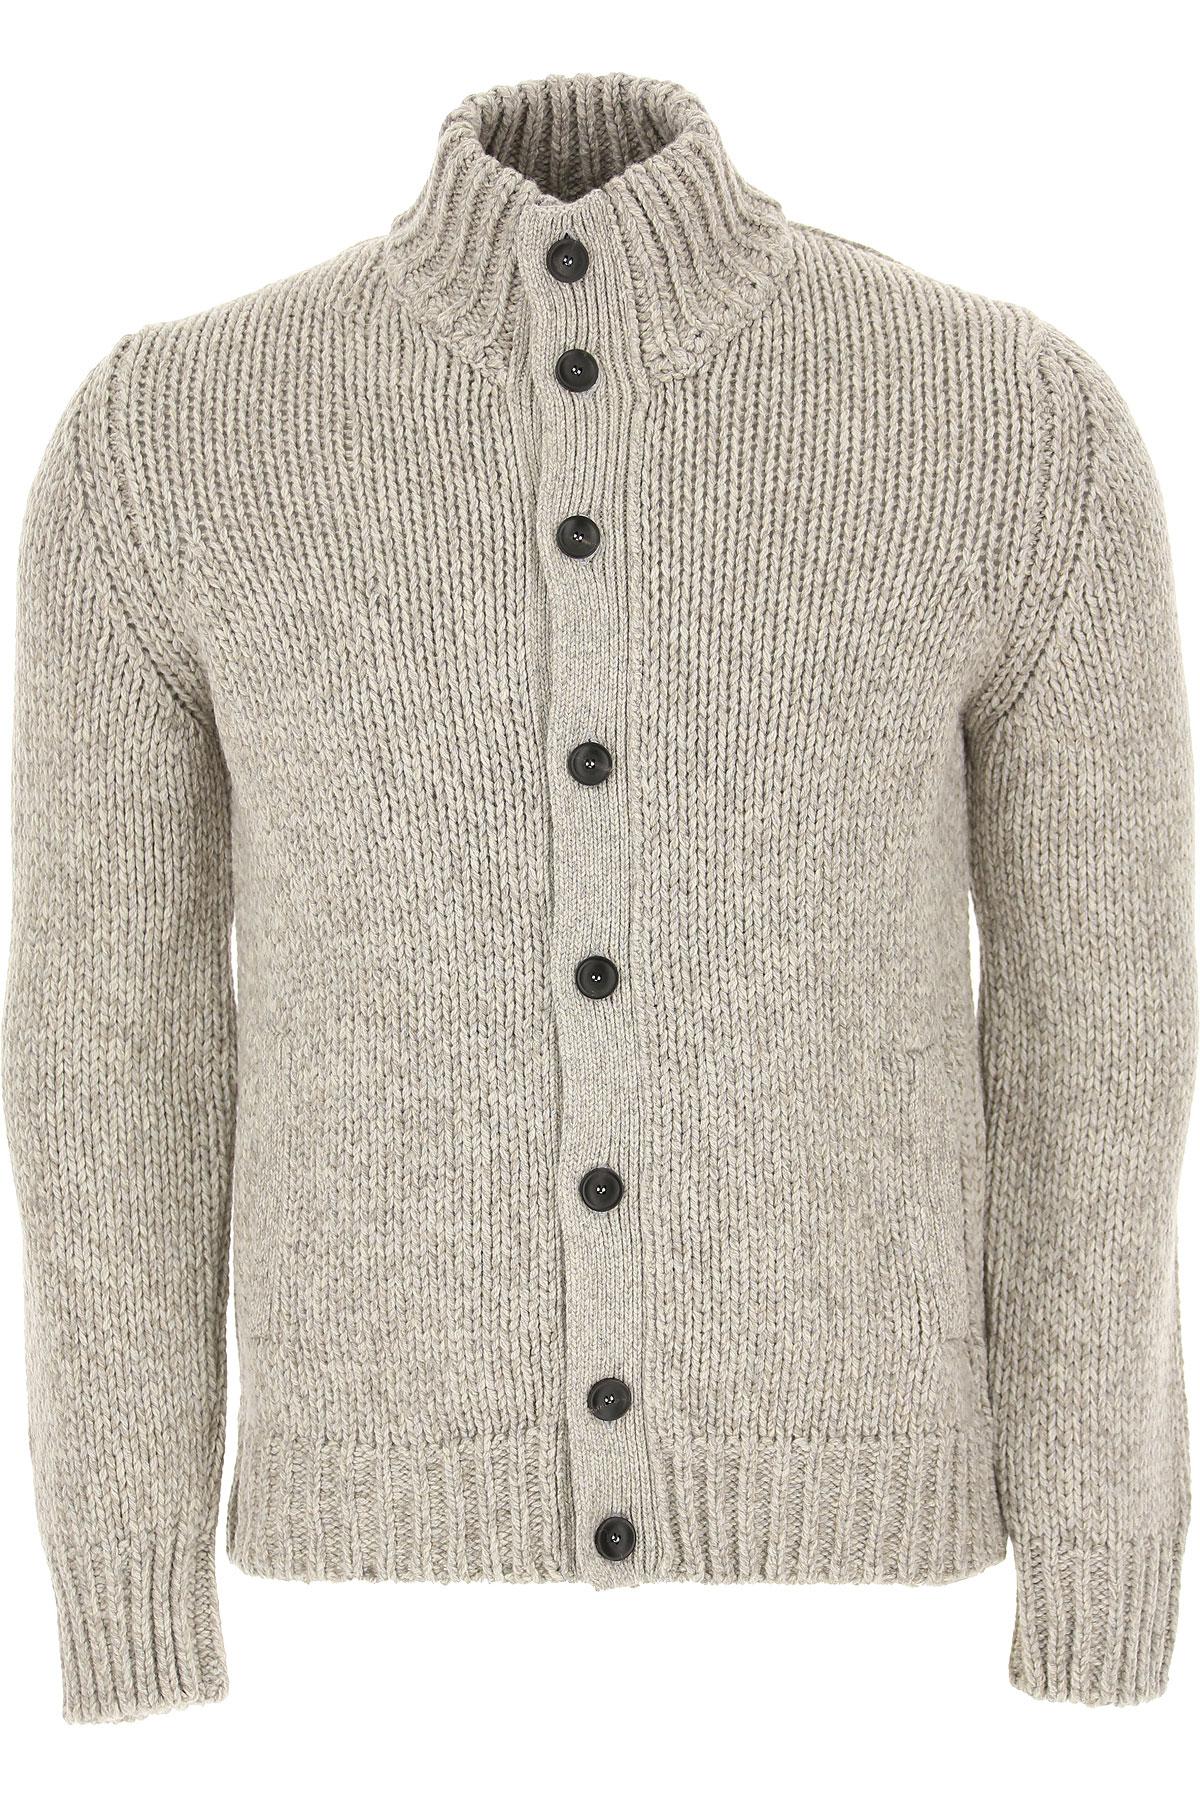 Zanone Sweater for Men Jumper On Sale, Grey, Wool, 2019, L M S